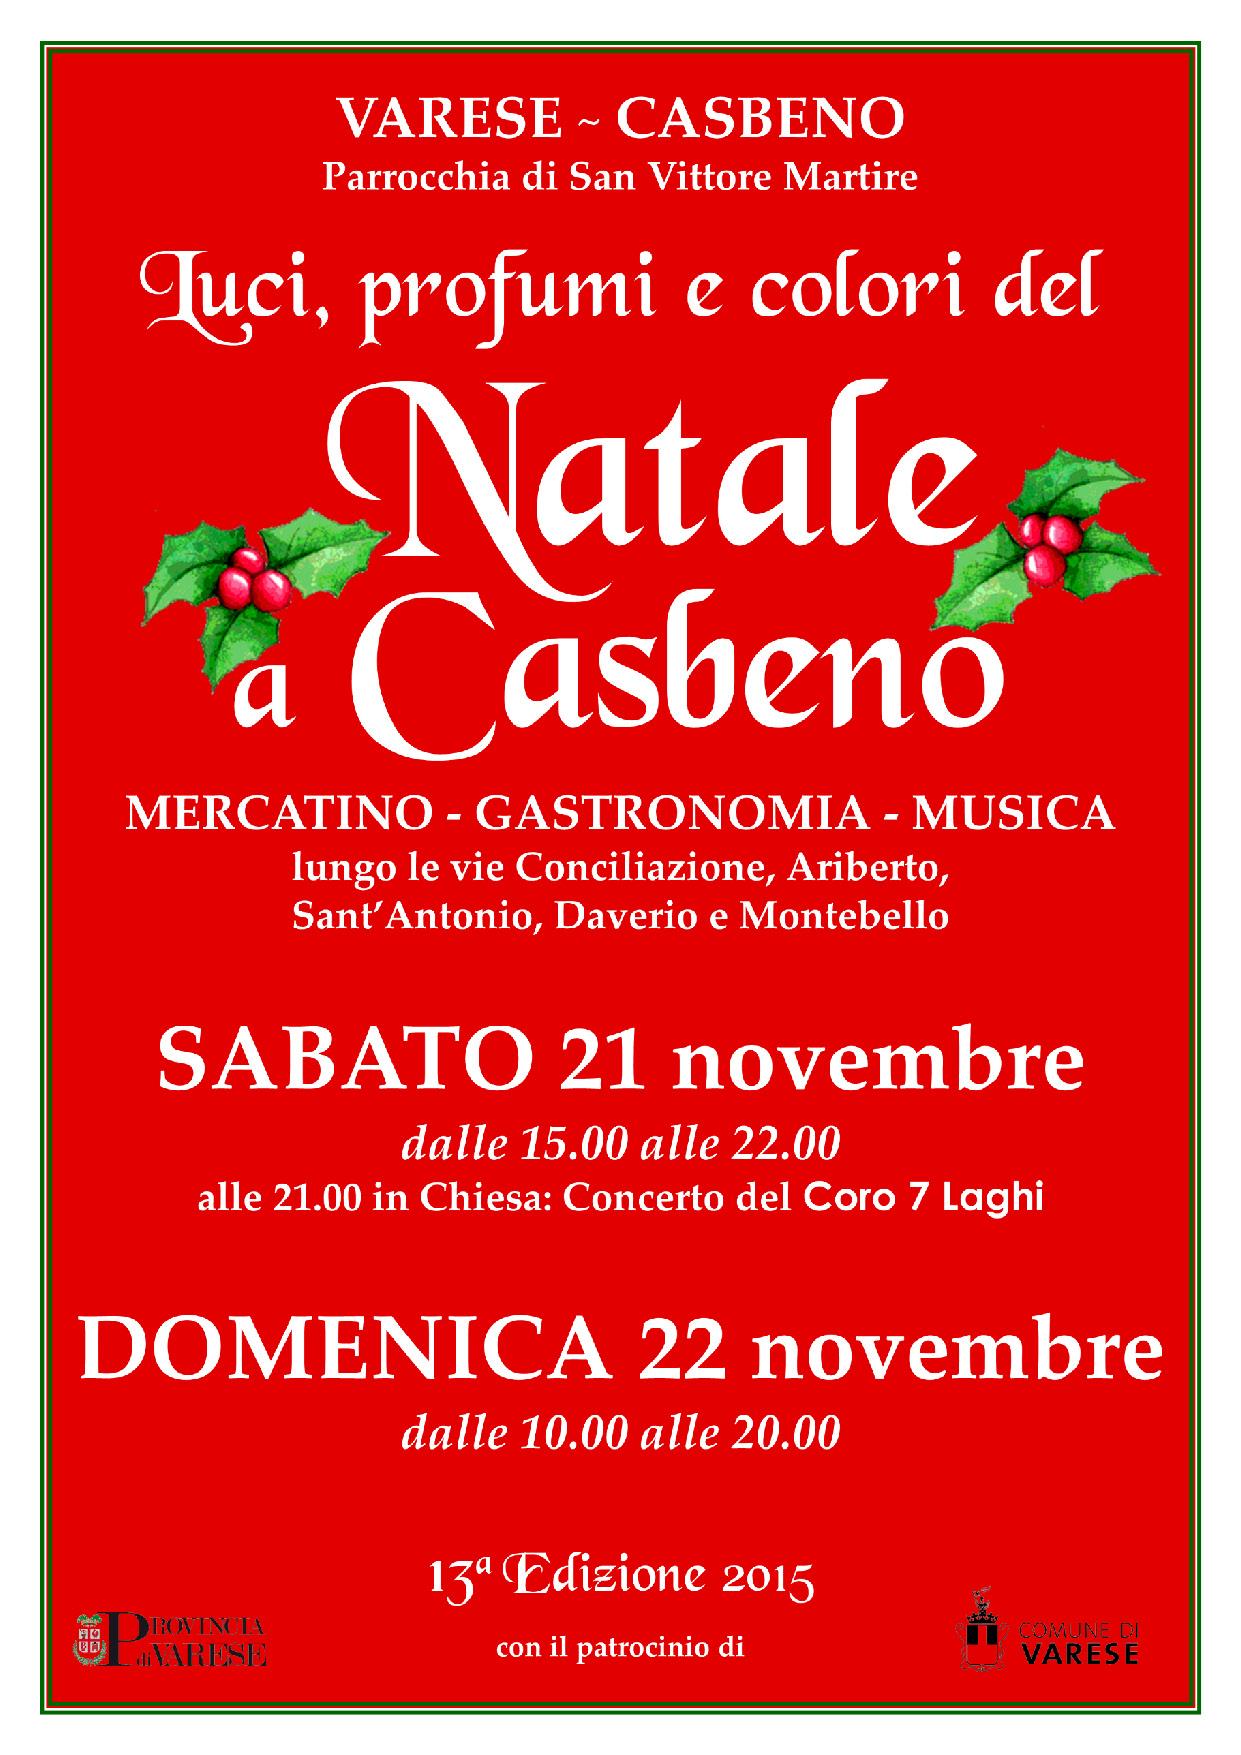 Programma_Mercatino_2015_Casbeno_Pagina_1